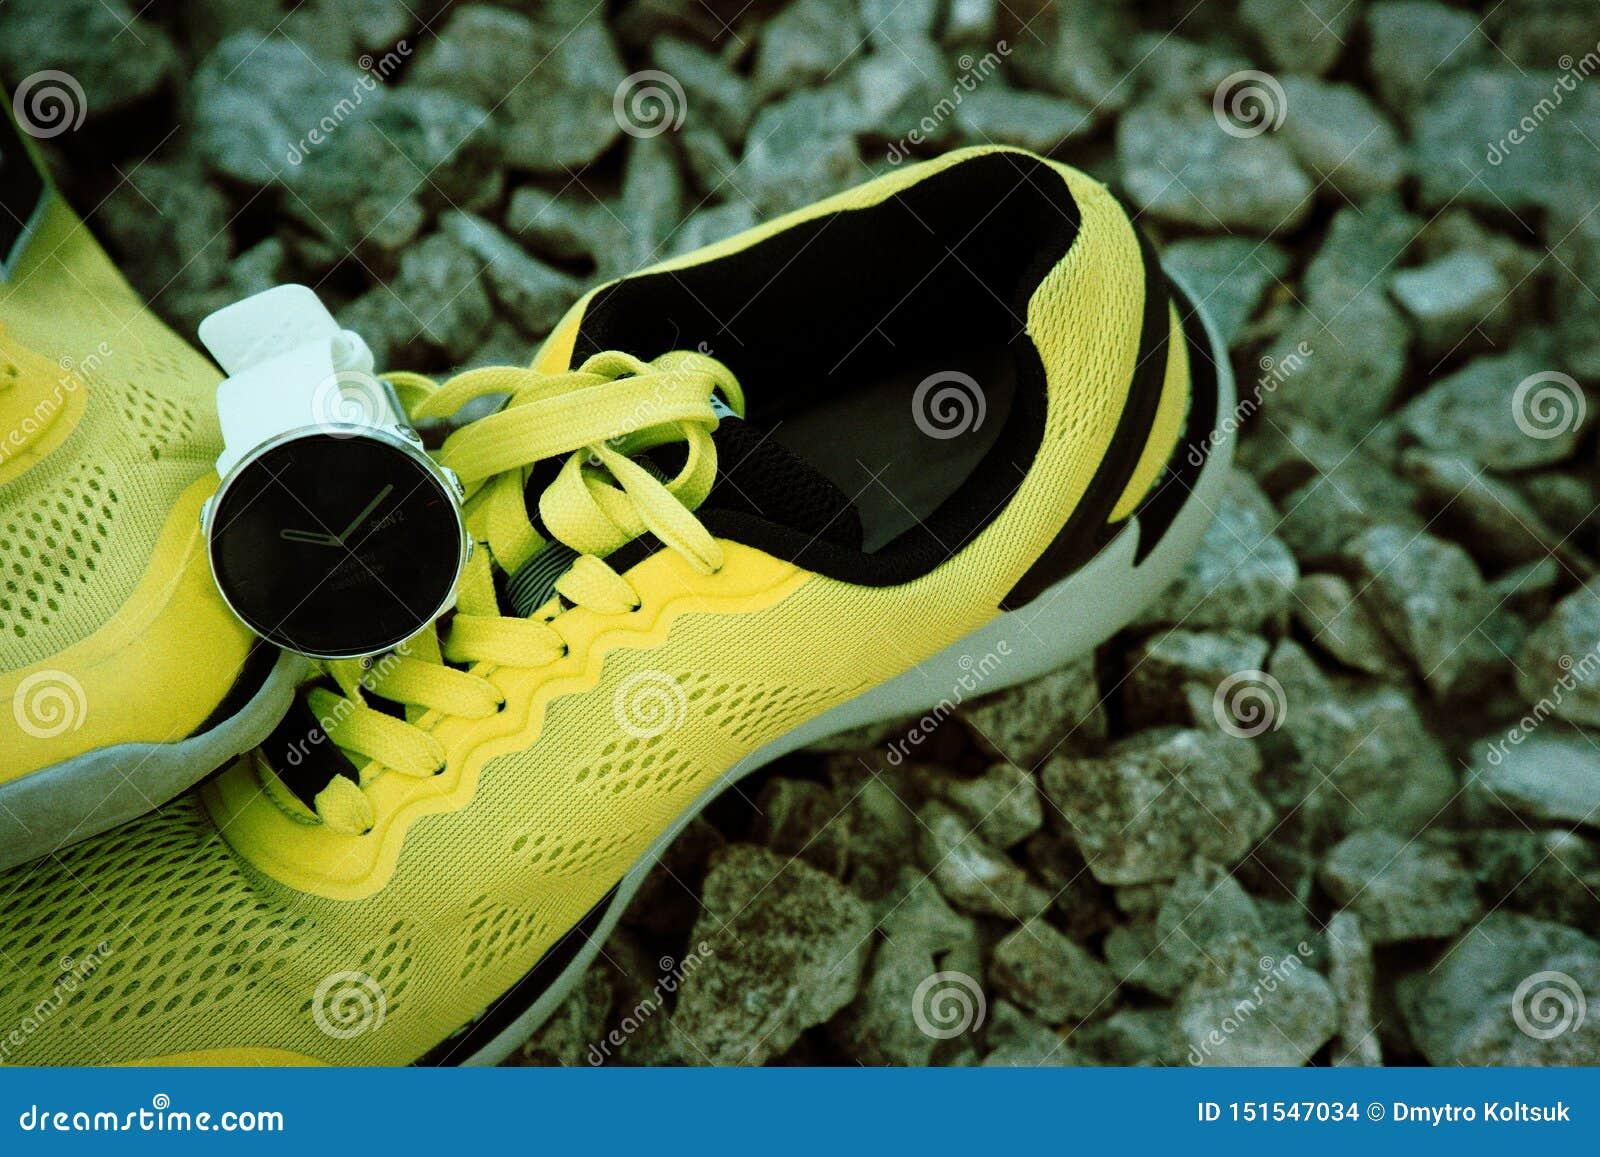 Αθλητικό ρολόι για το crossfit και triathlon στα κίτρινα τρέχοντας παπούτσια Έξυπνο ρολόι για την καταδίωξη της καθημερινής κατάρ